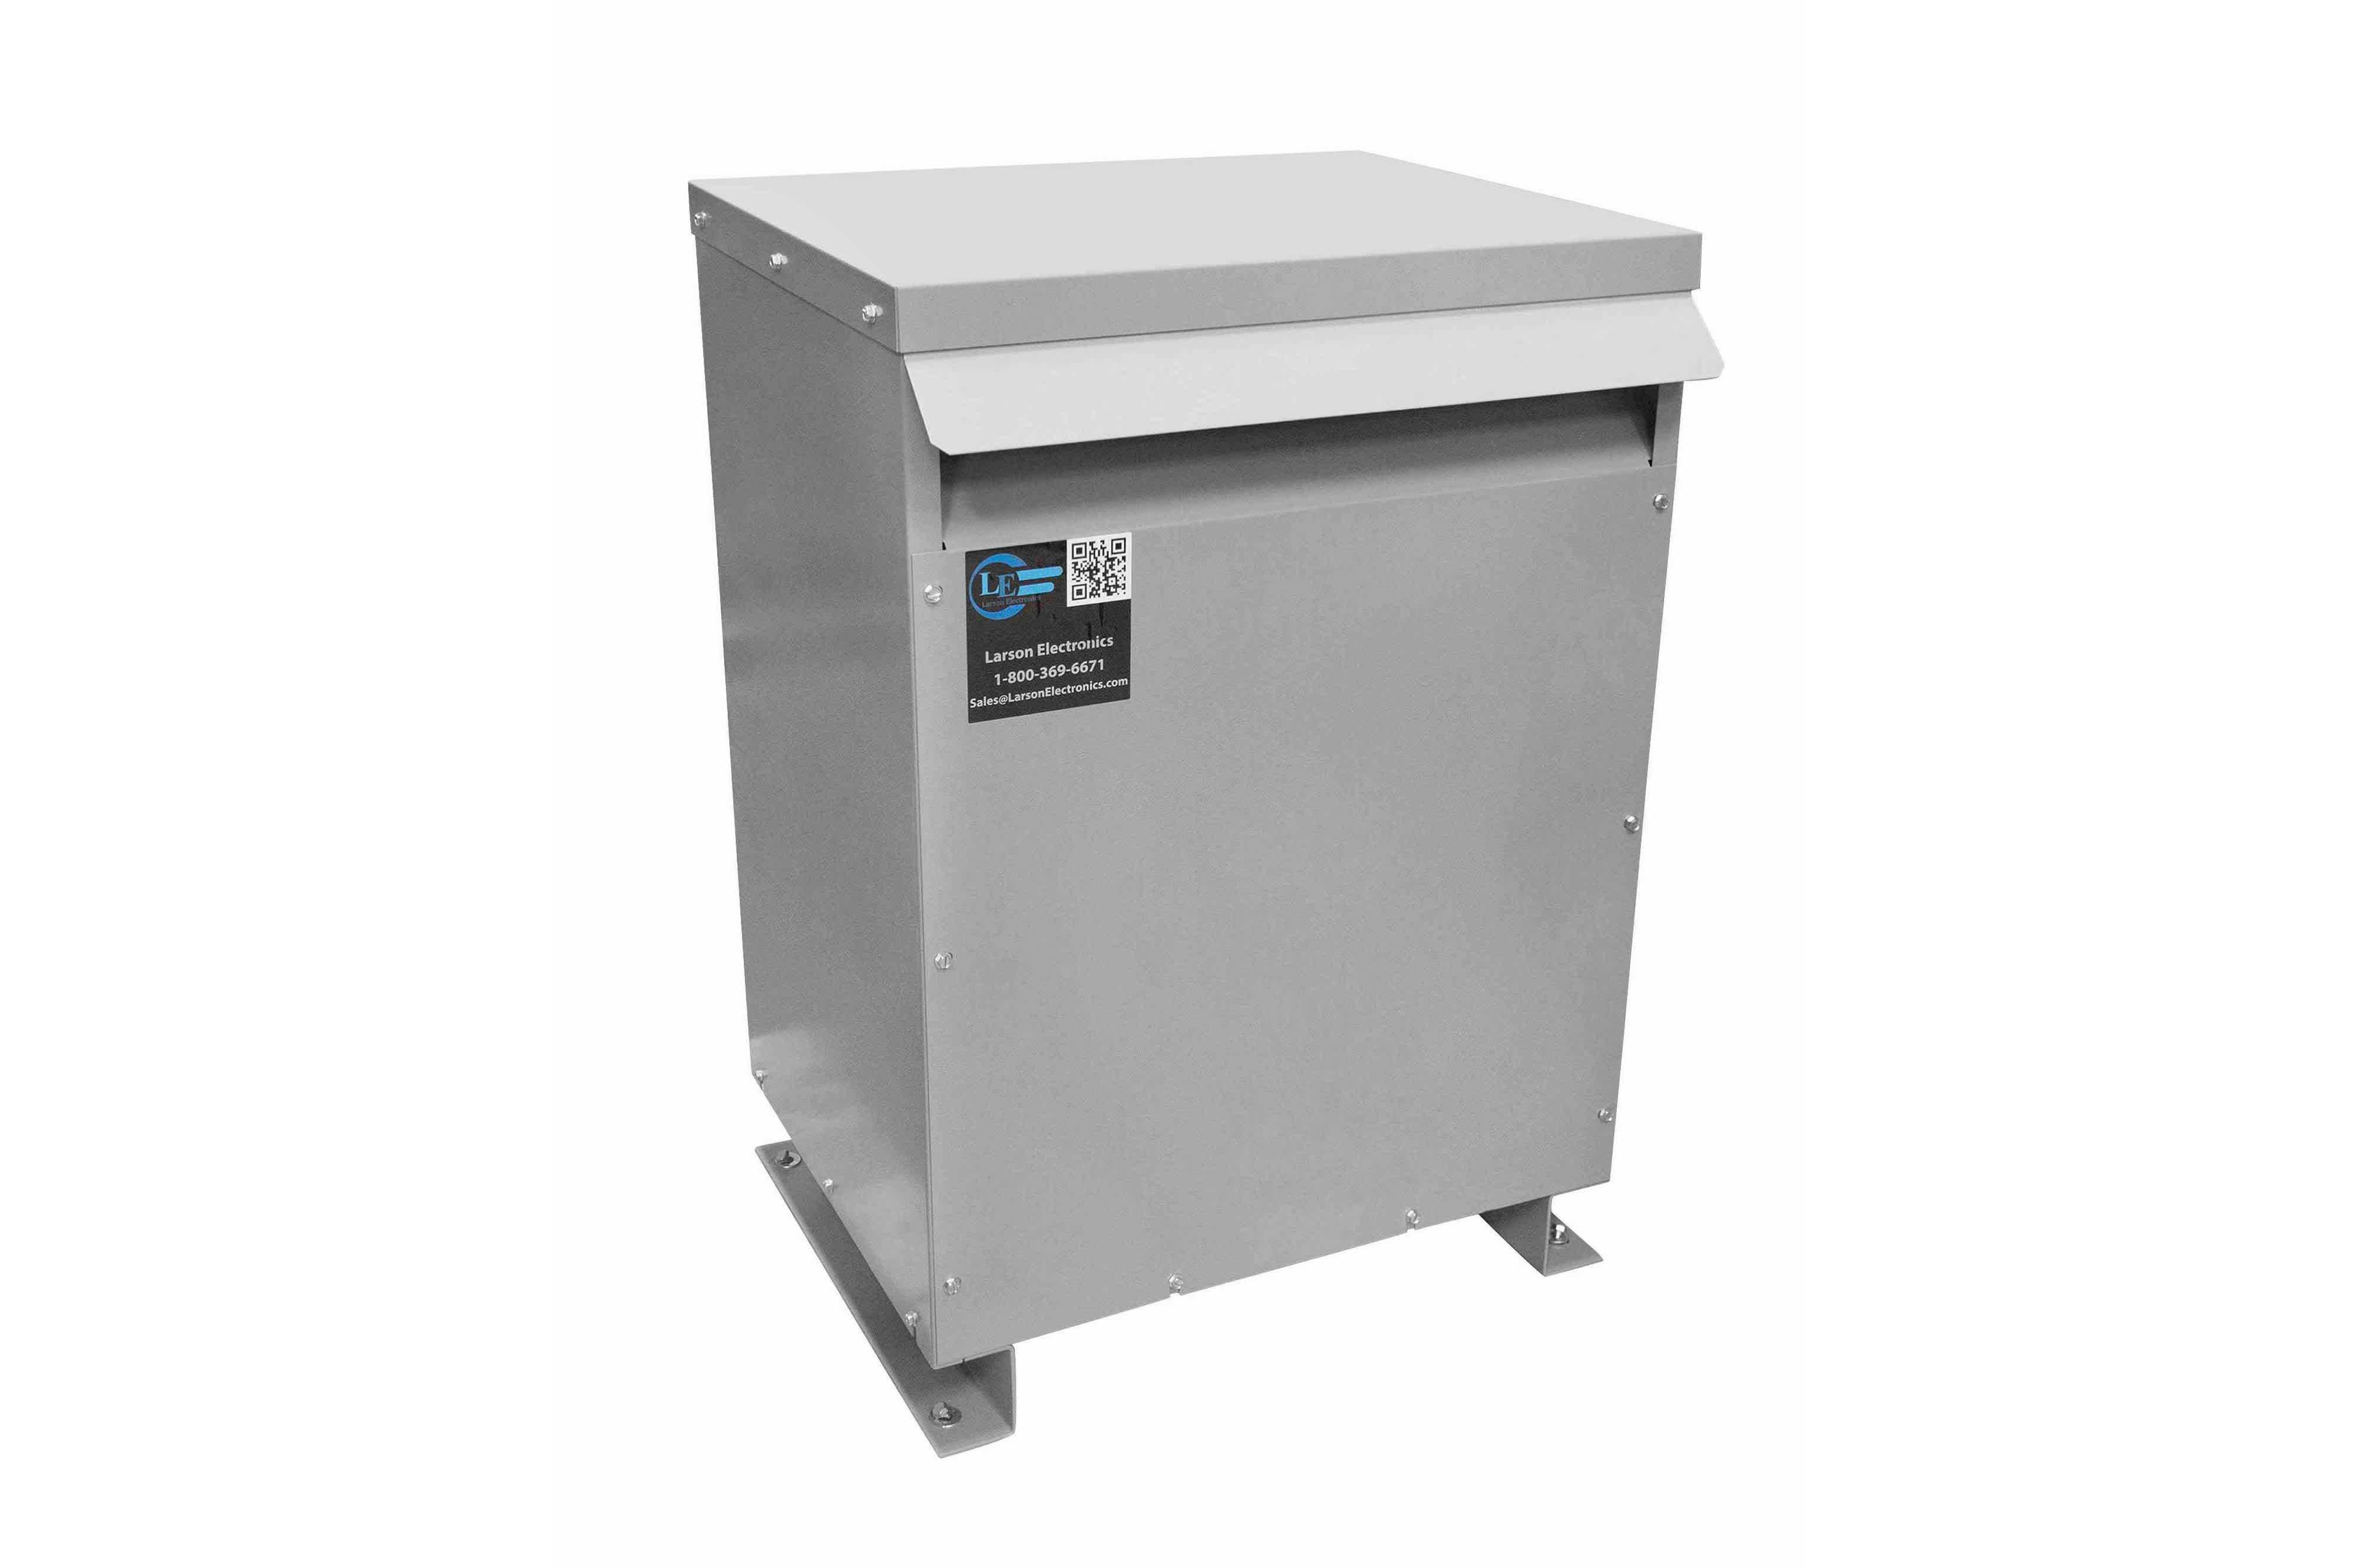 167 kVA 3PH Isolation Transformer, 230V Delta Primary, 480V Delta Secondary, N3R, Ventilated, 60 Hz